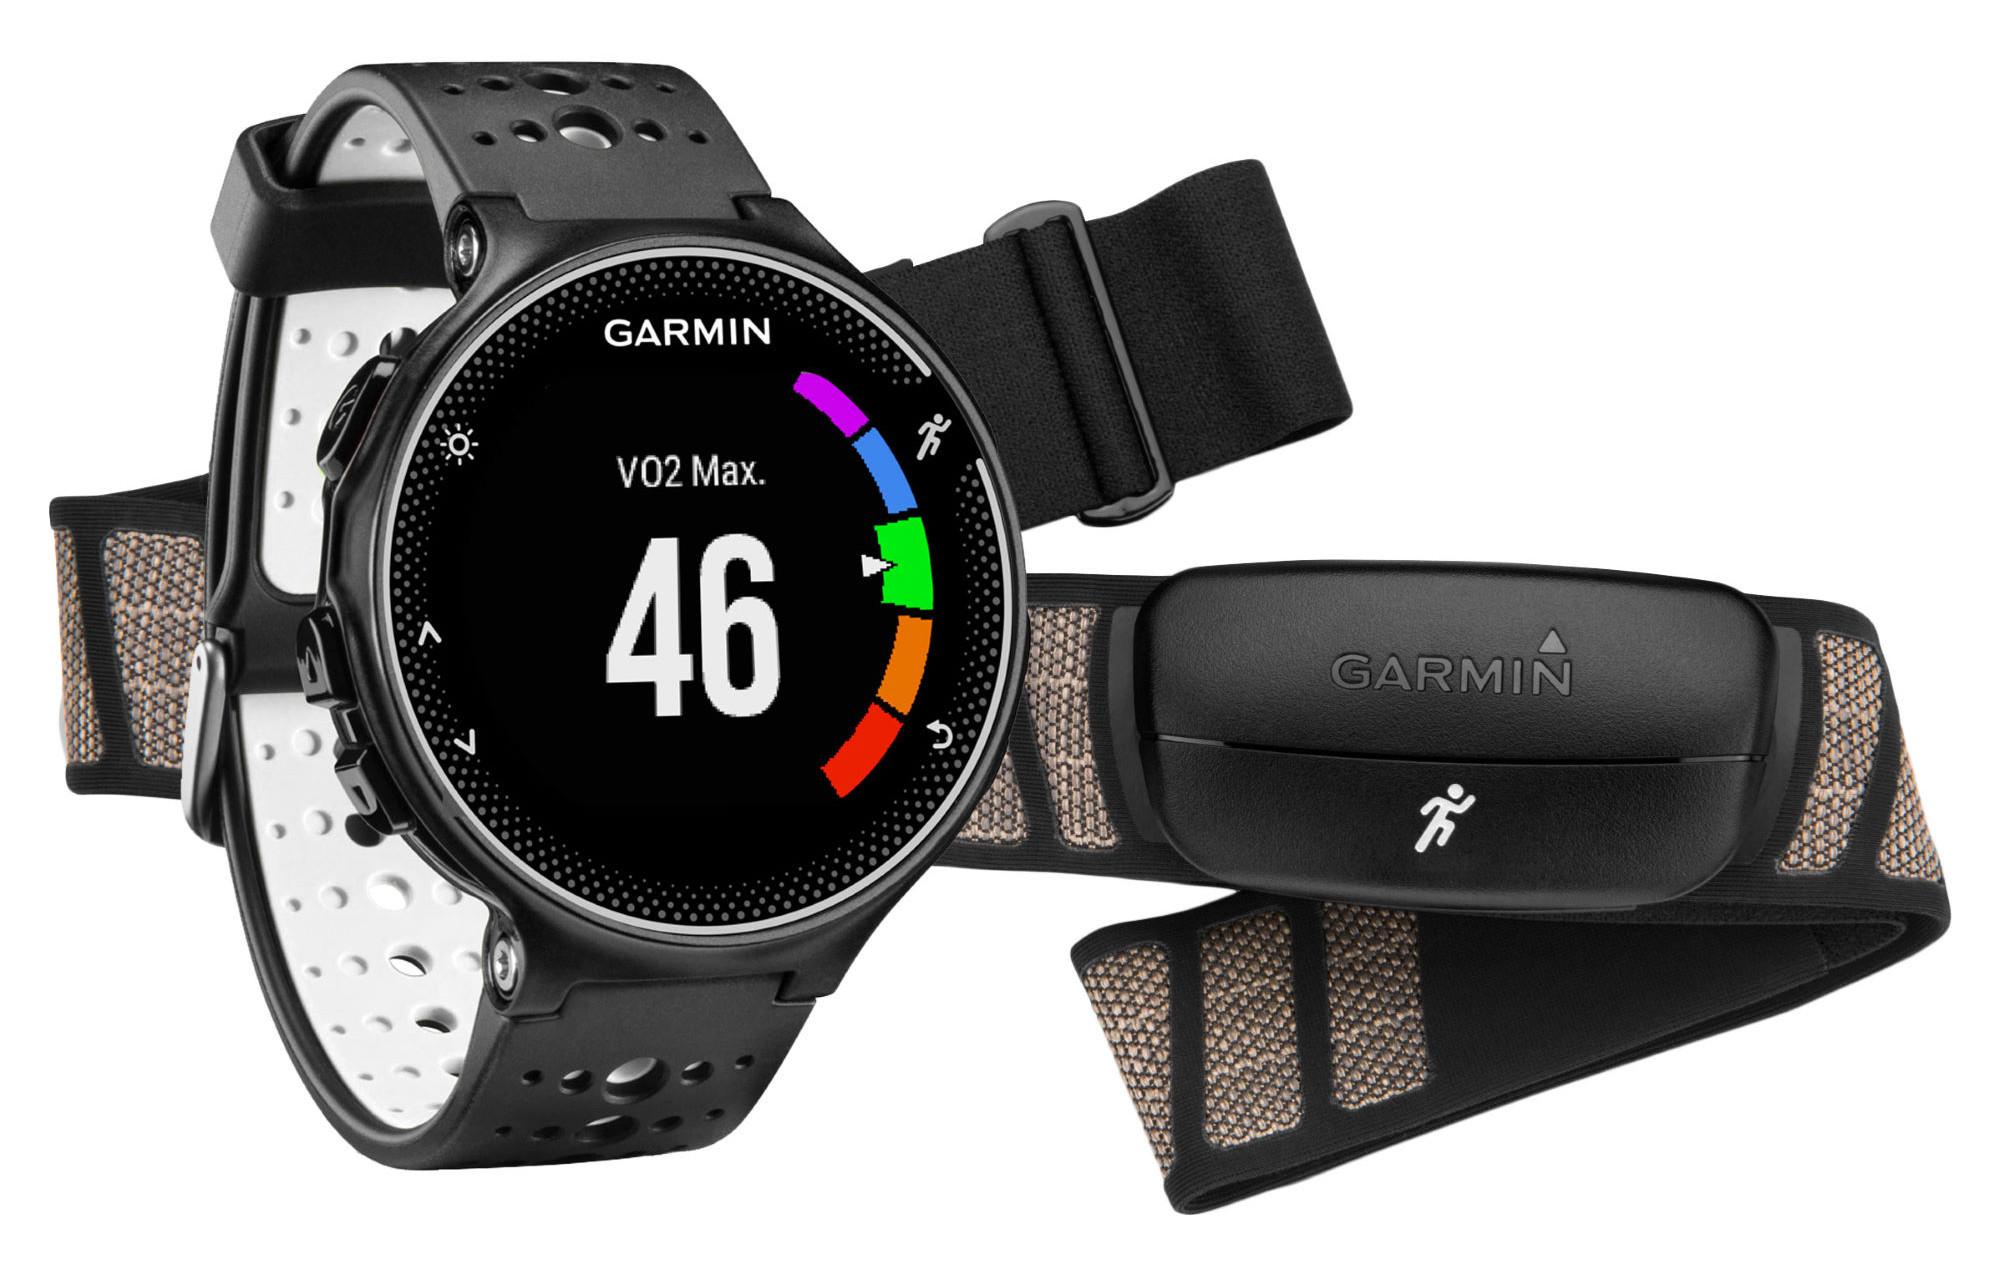 garmin montre gps forerunner 230 pack hrm noir blanc. Black Bedroom Furniture Sets. Home Design Ideas